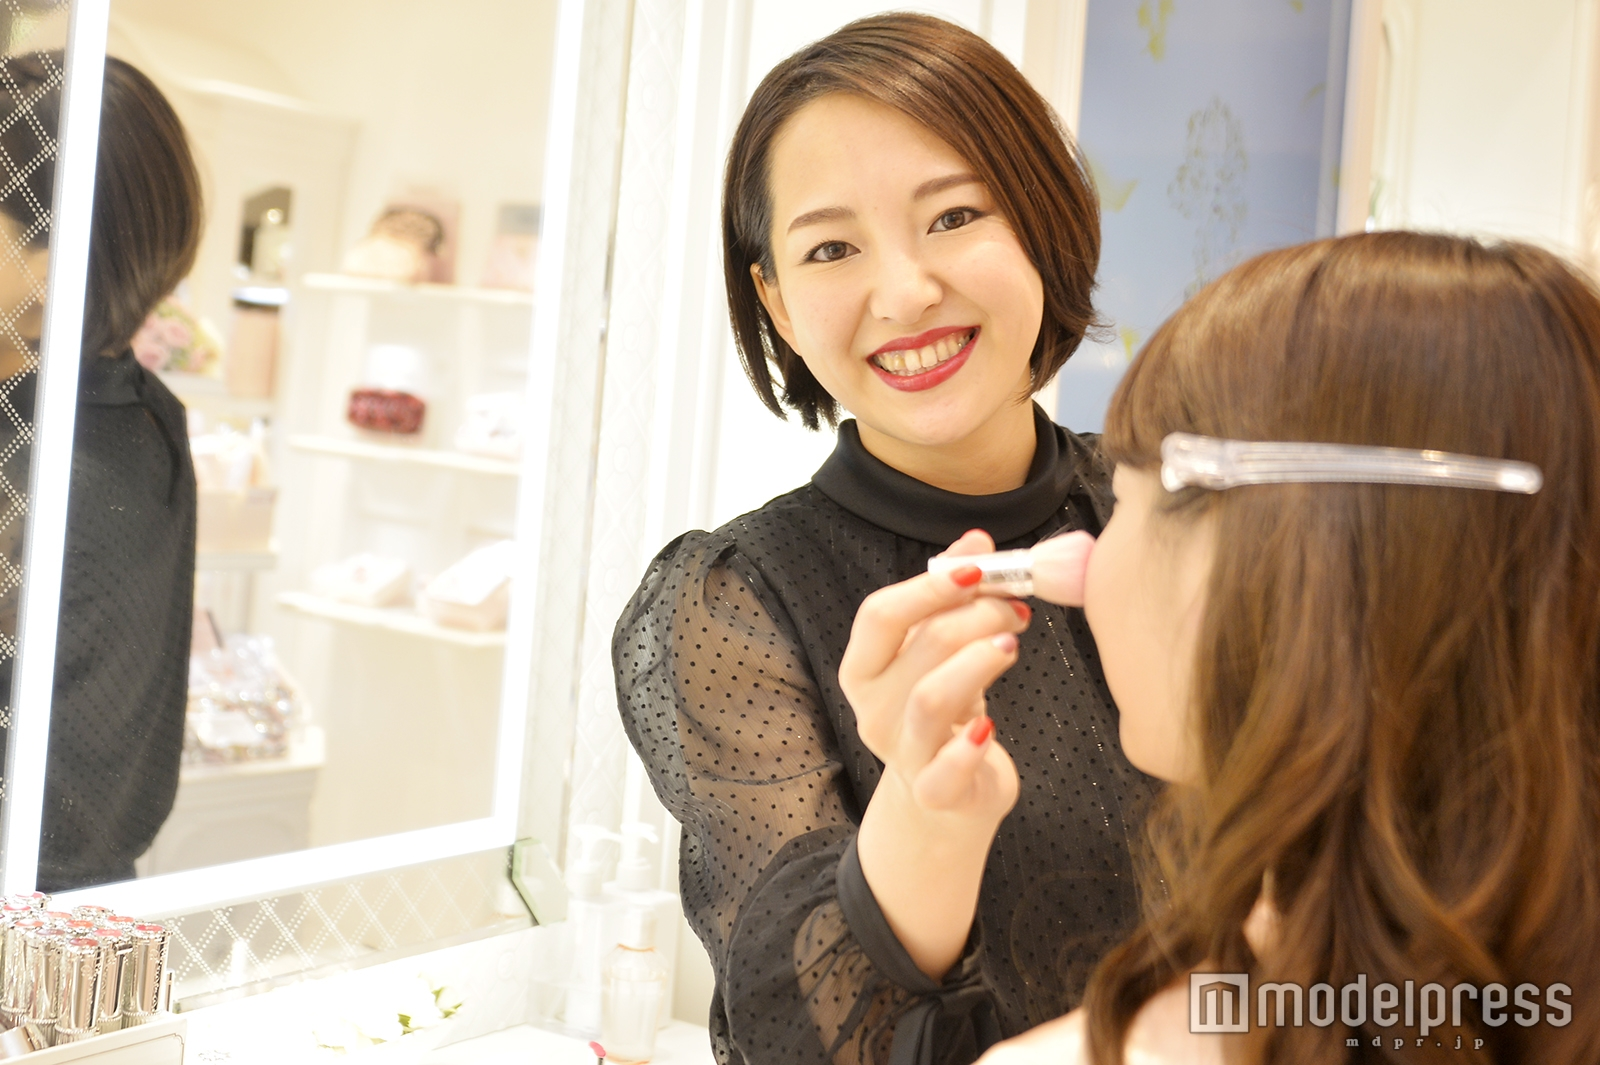 モデルプレスのインタビューに応じた足立悠希子さん(C)モデルプレス